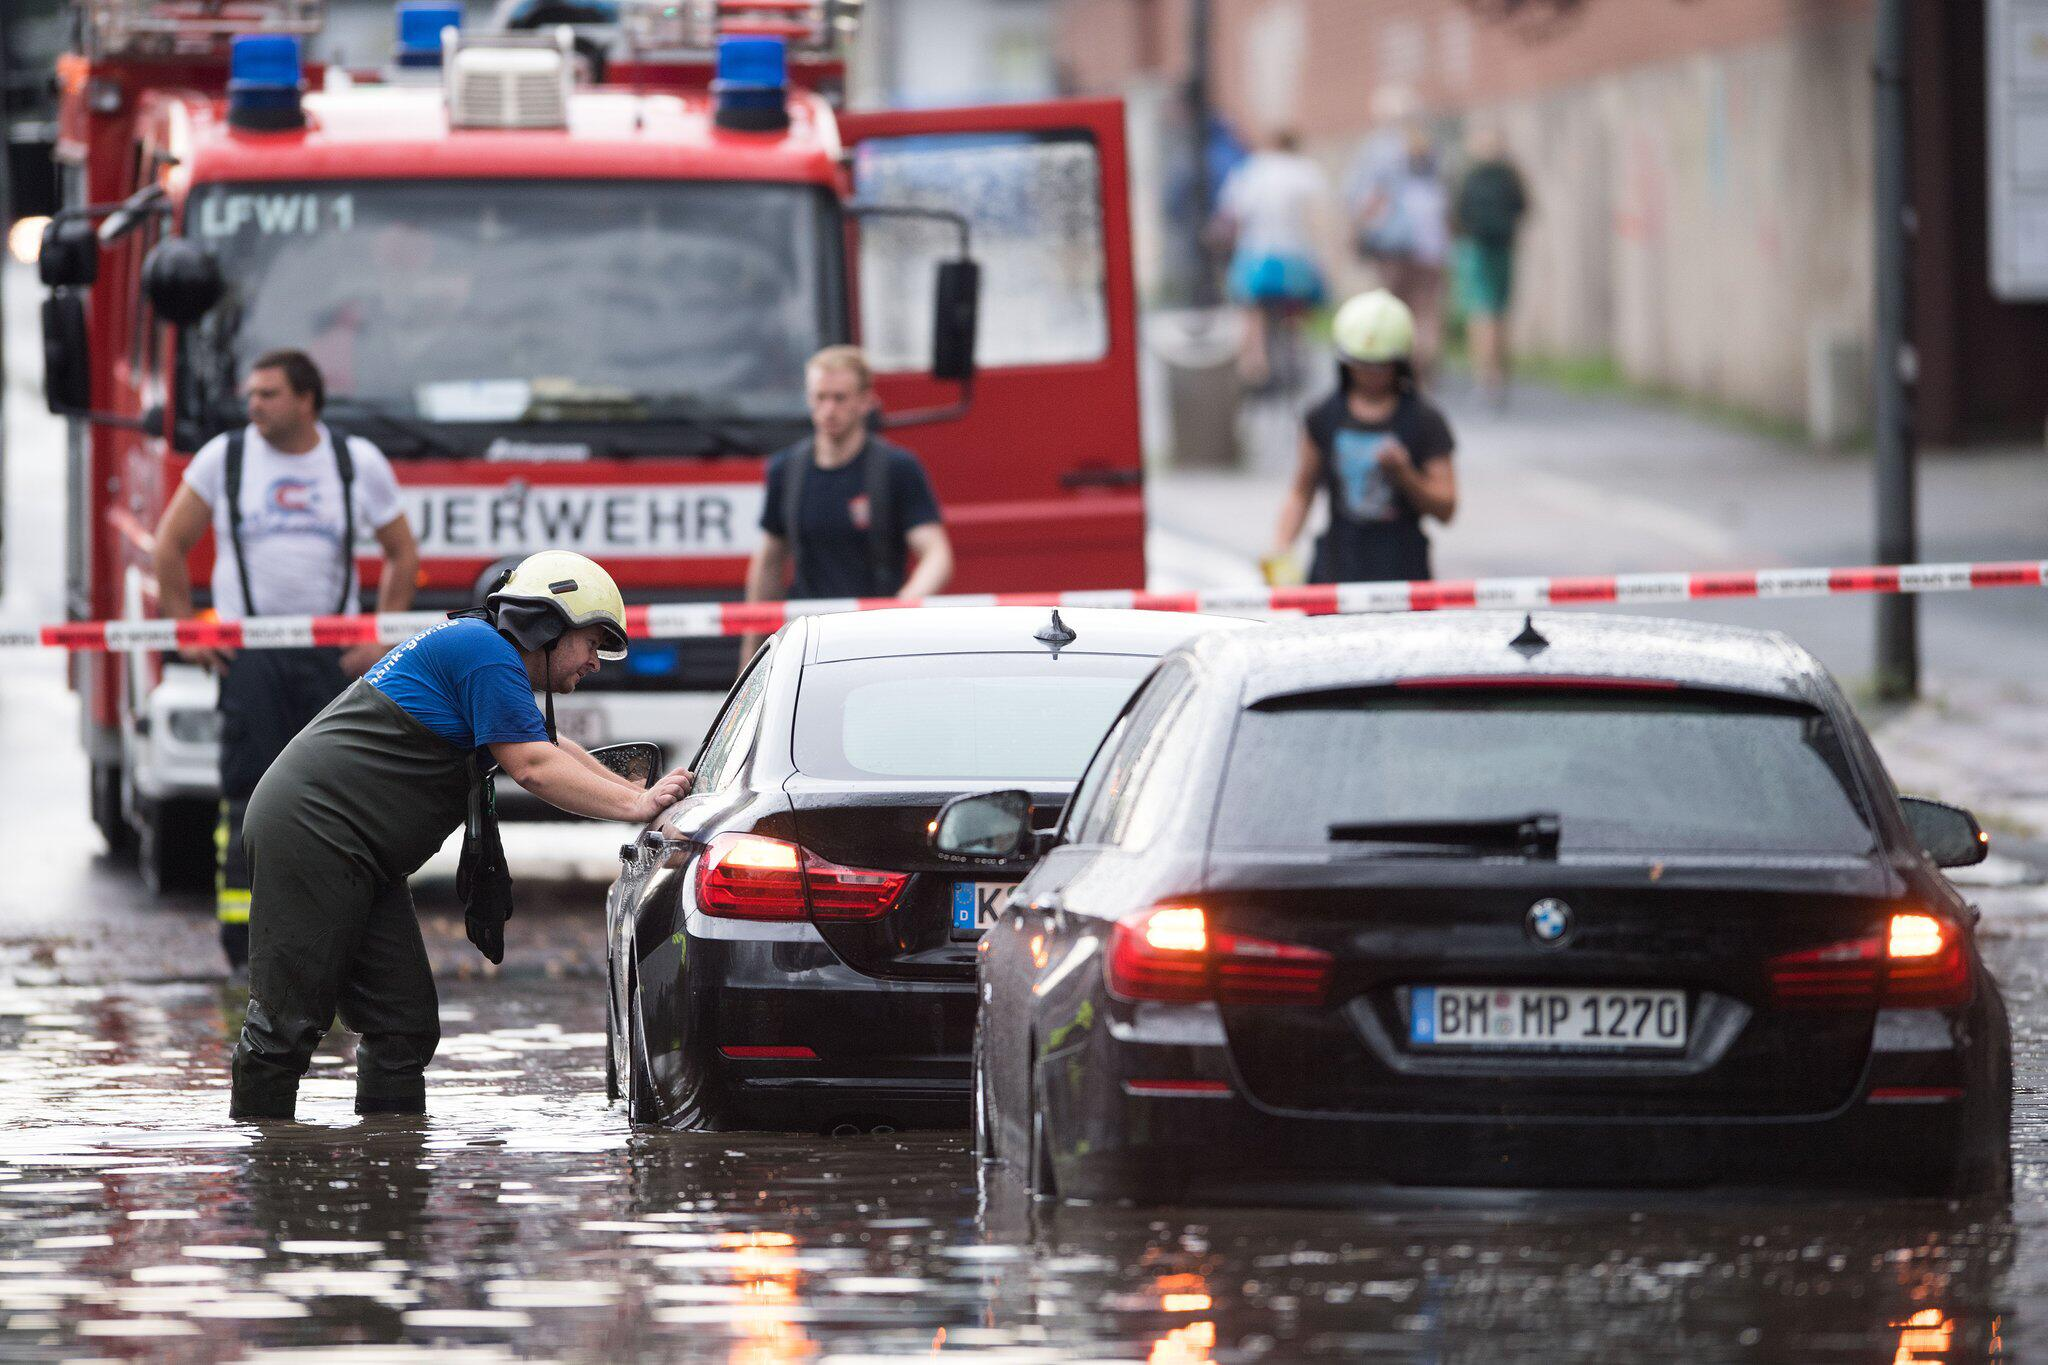 Bild zu Wetter, Deutschland, heute, aktuell, Unwetter